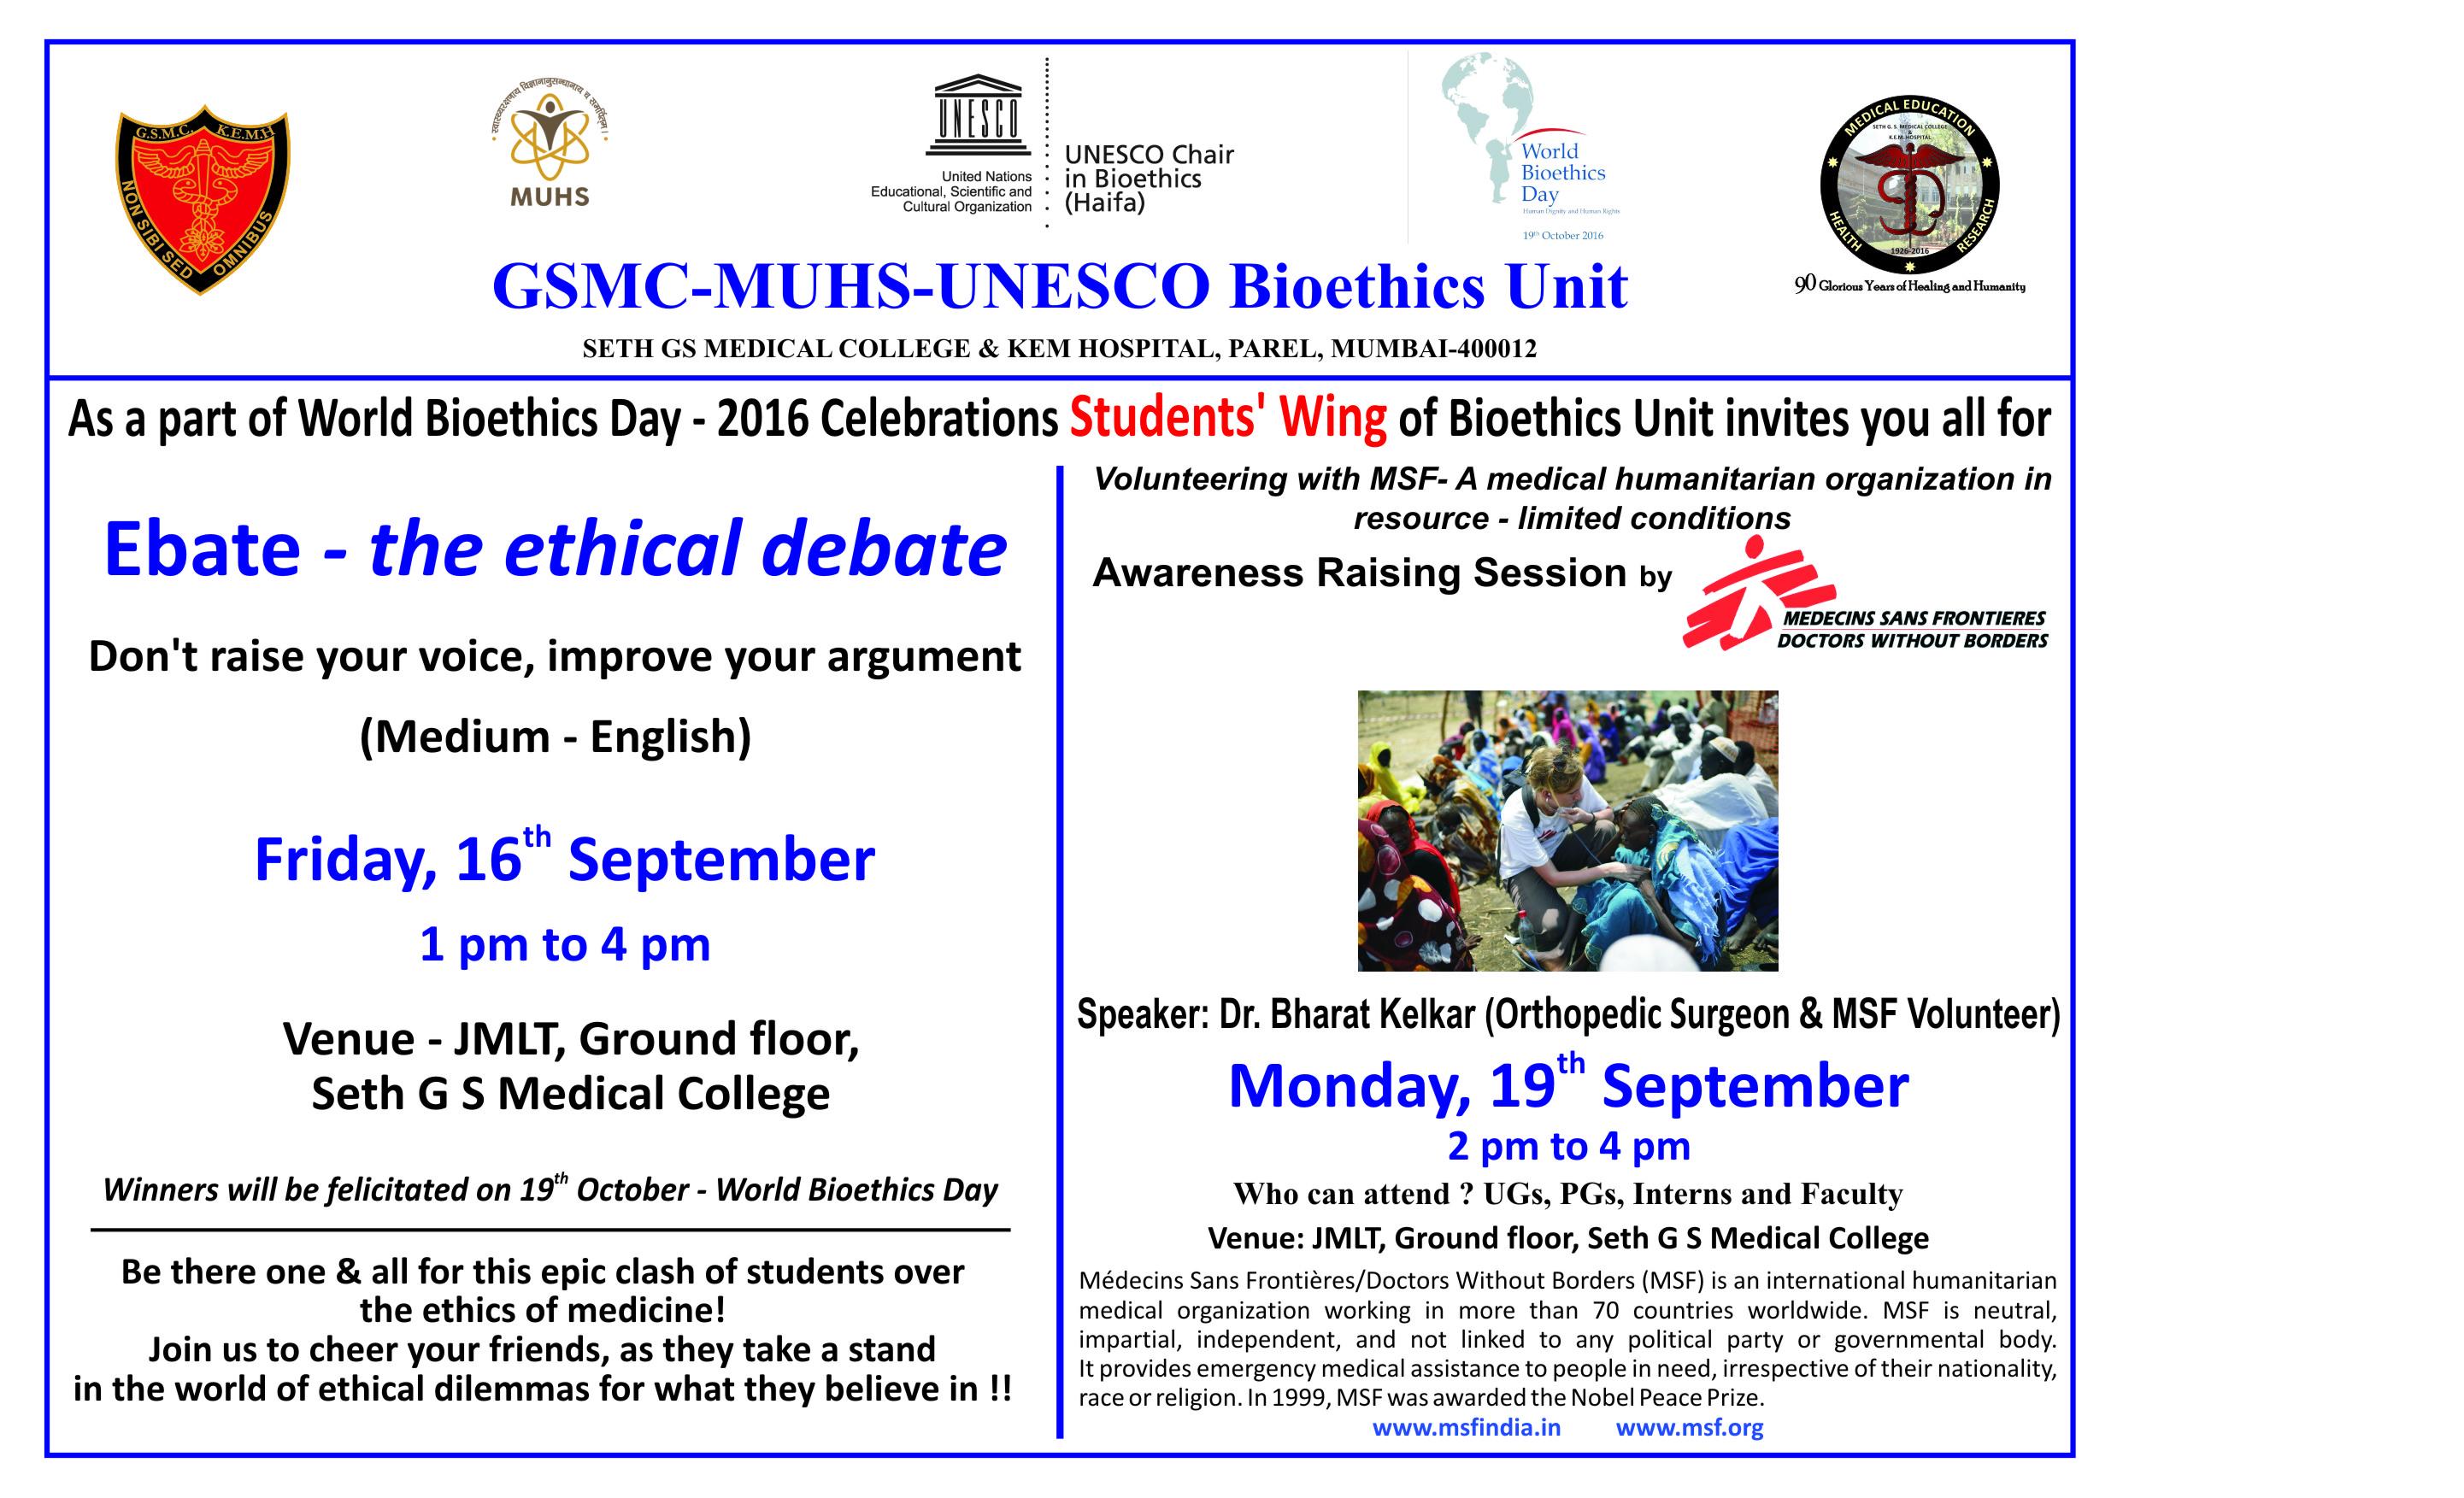 Dr. Salagre Poster